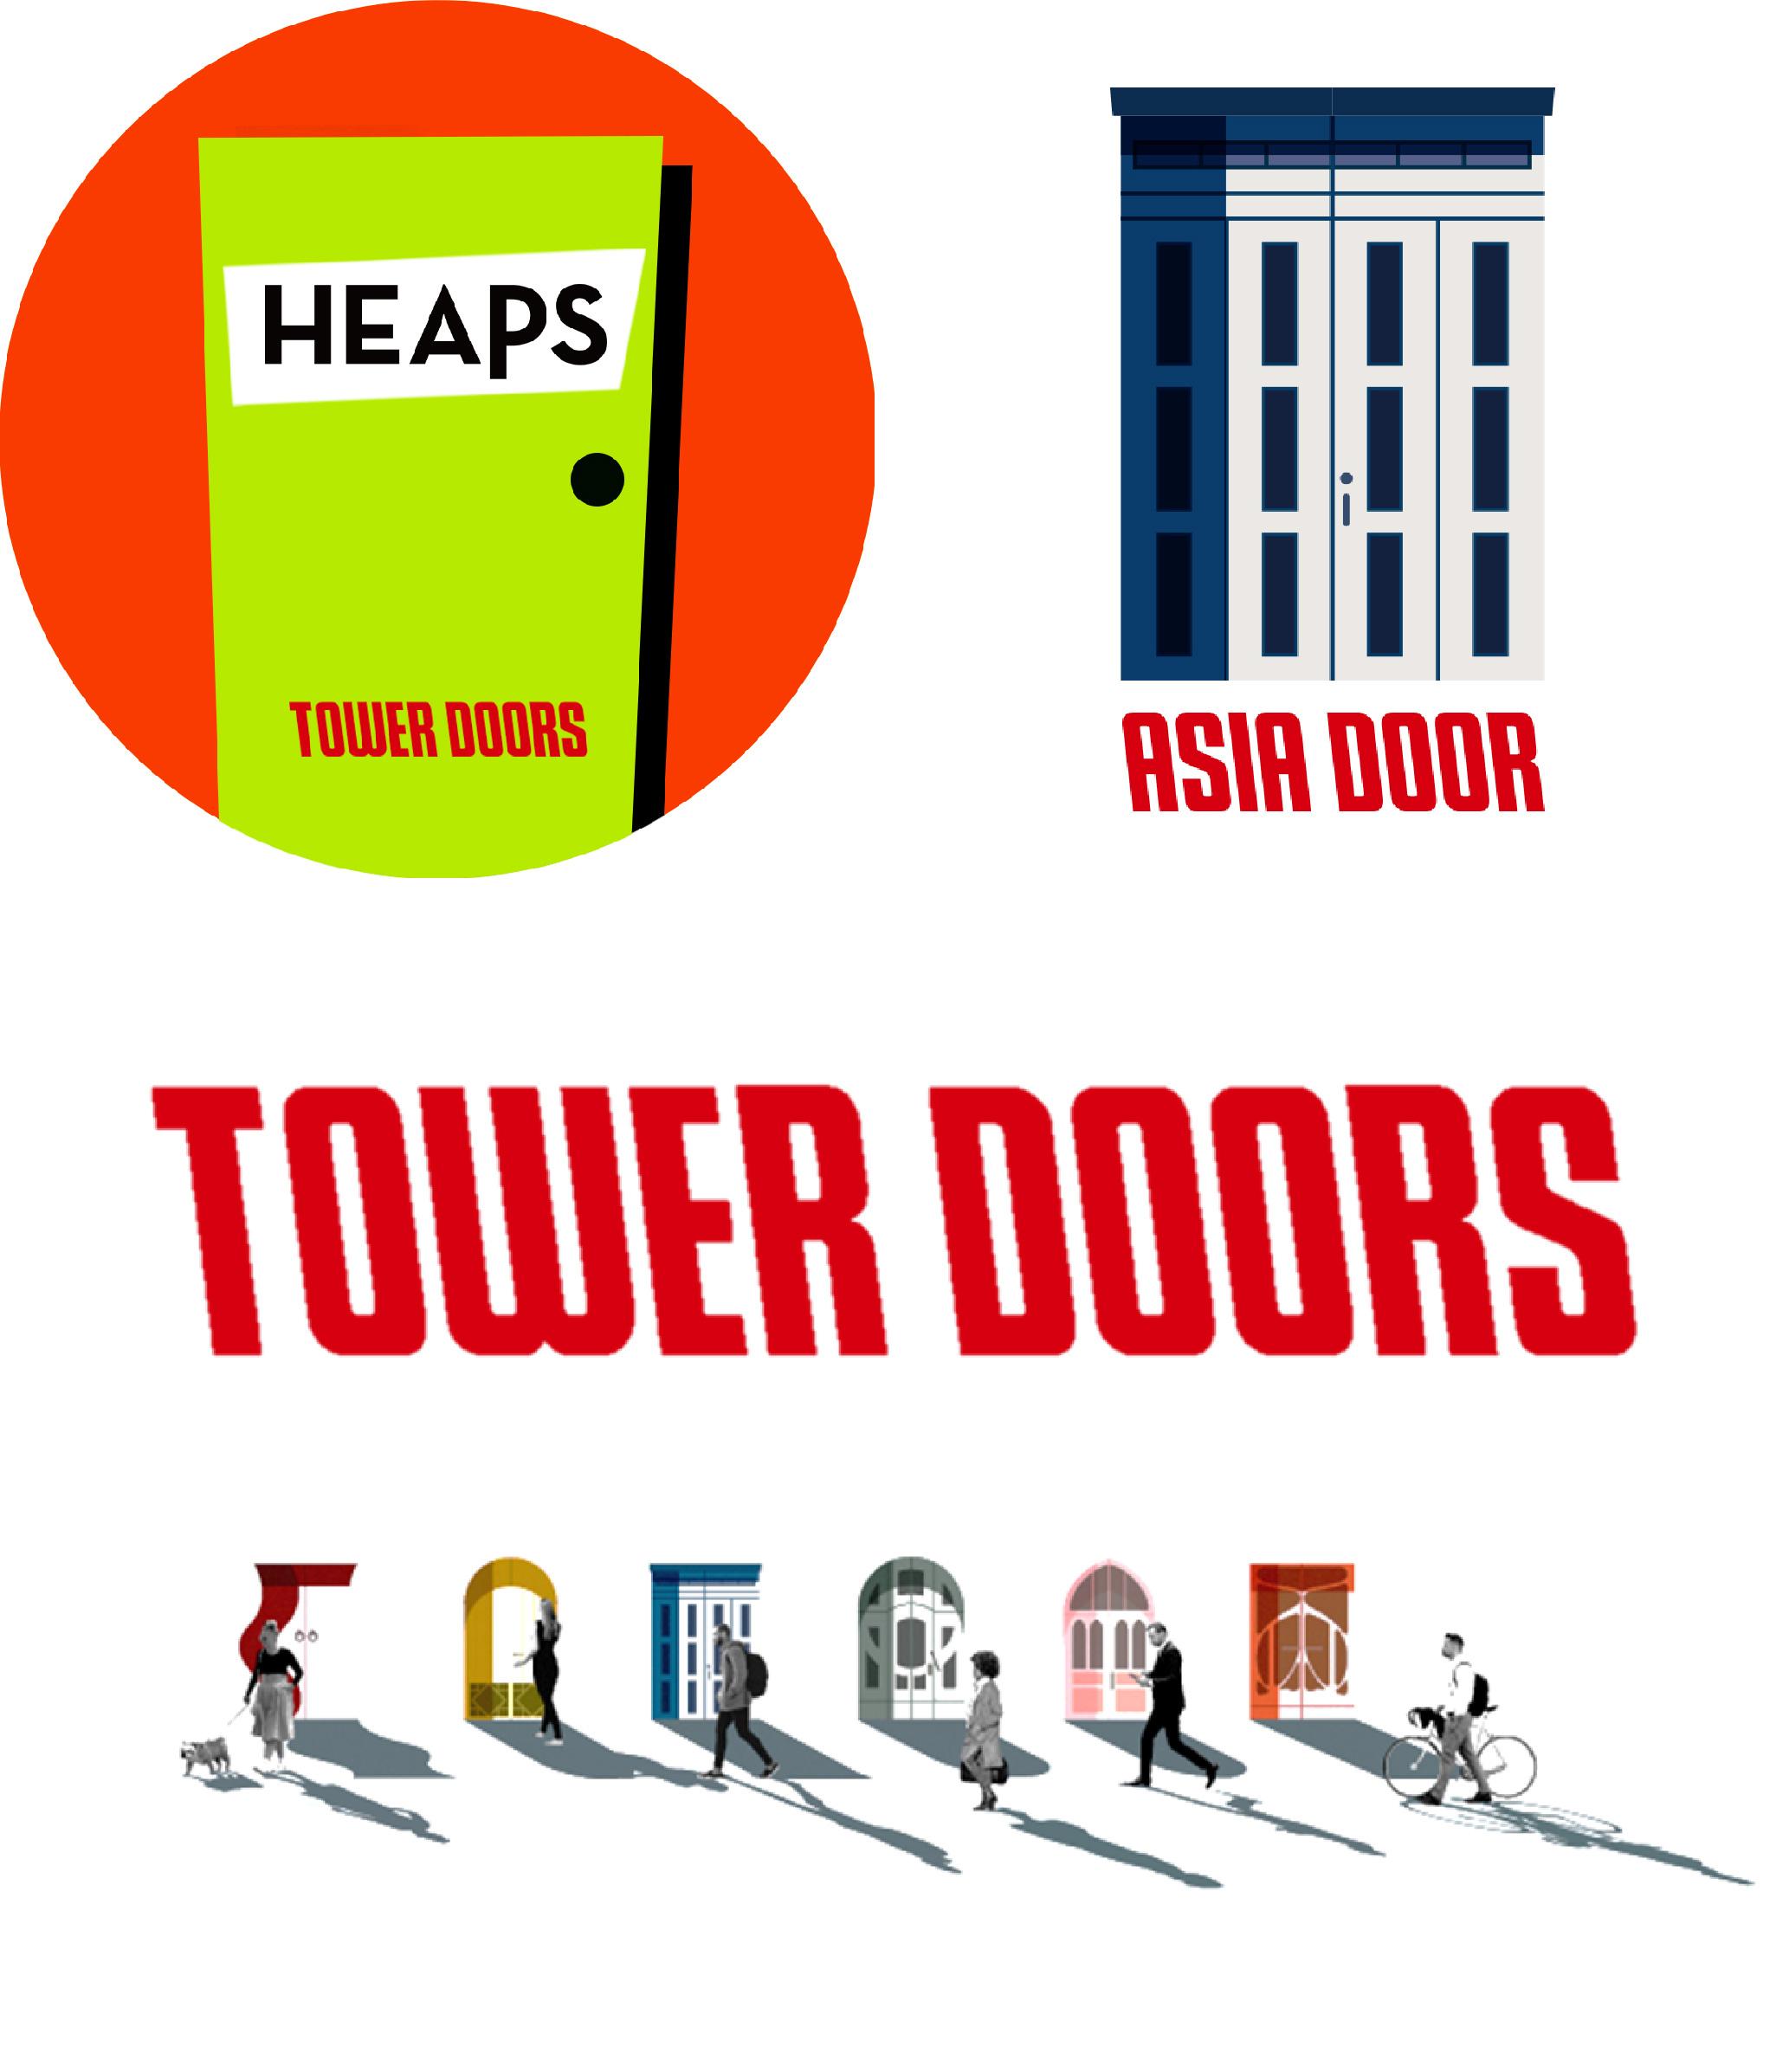 音楽キュレーションメディア「TOWER DOORS」 にニューヨークとアジアの専門2チャンネルが新設